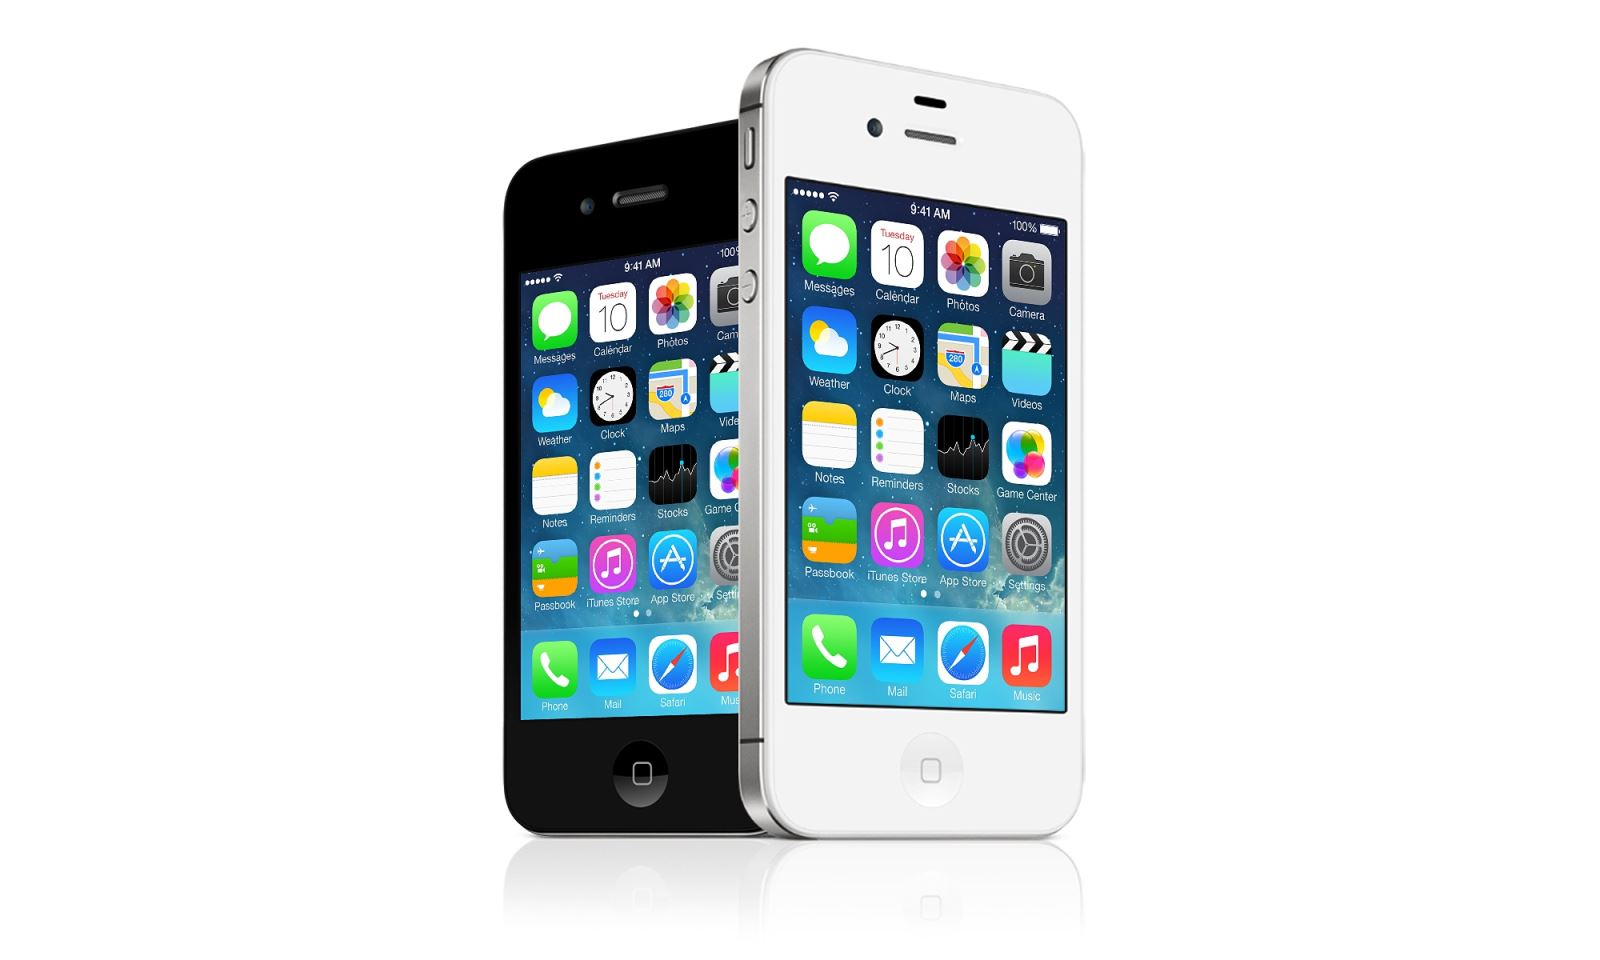 Độ phân giải màn hình iPhone qua các thời kỳ 1